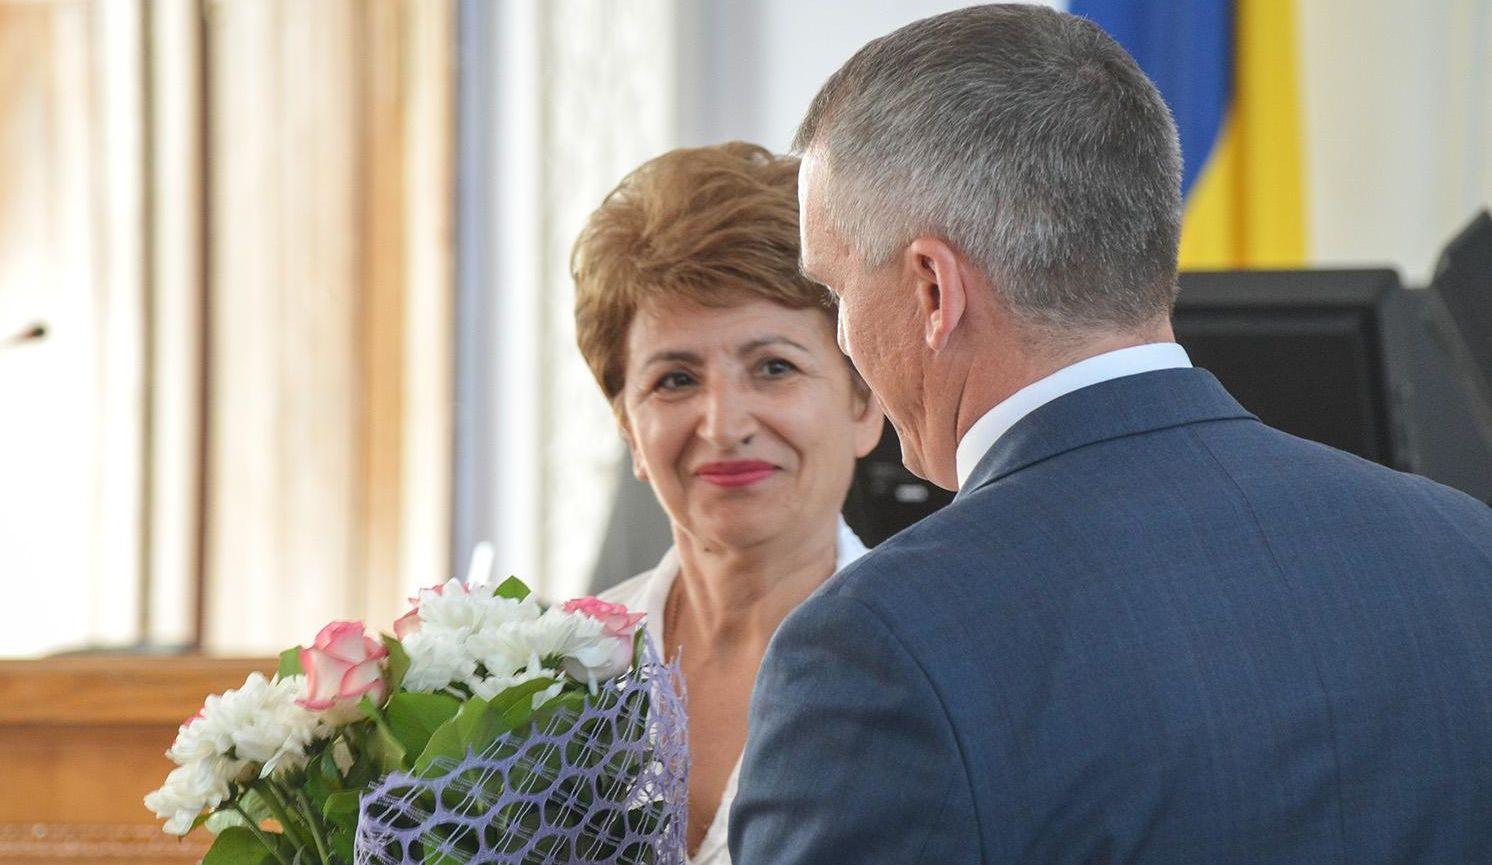 Порошенко присвоил звание «Заслуженного работника образования Украины» скандальной экс-начальнице Николаевского гороно Деркач